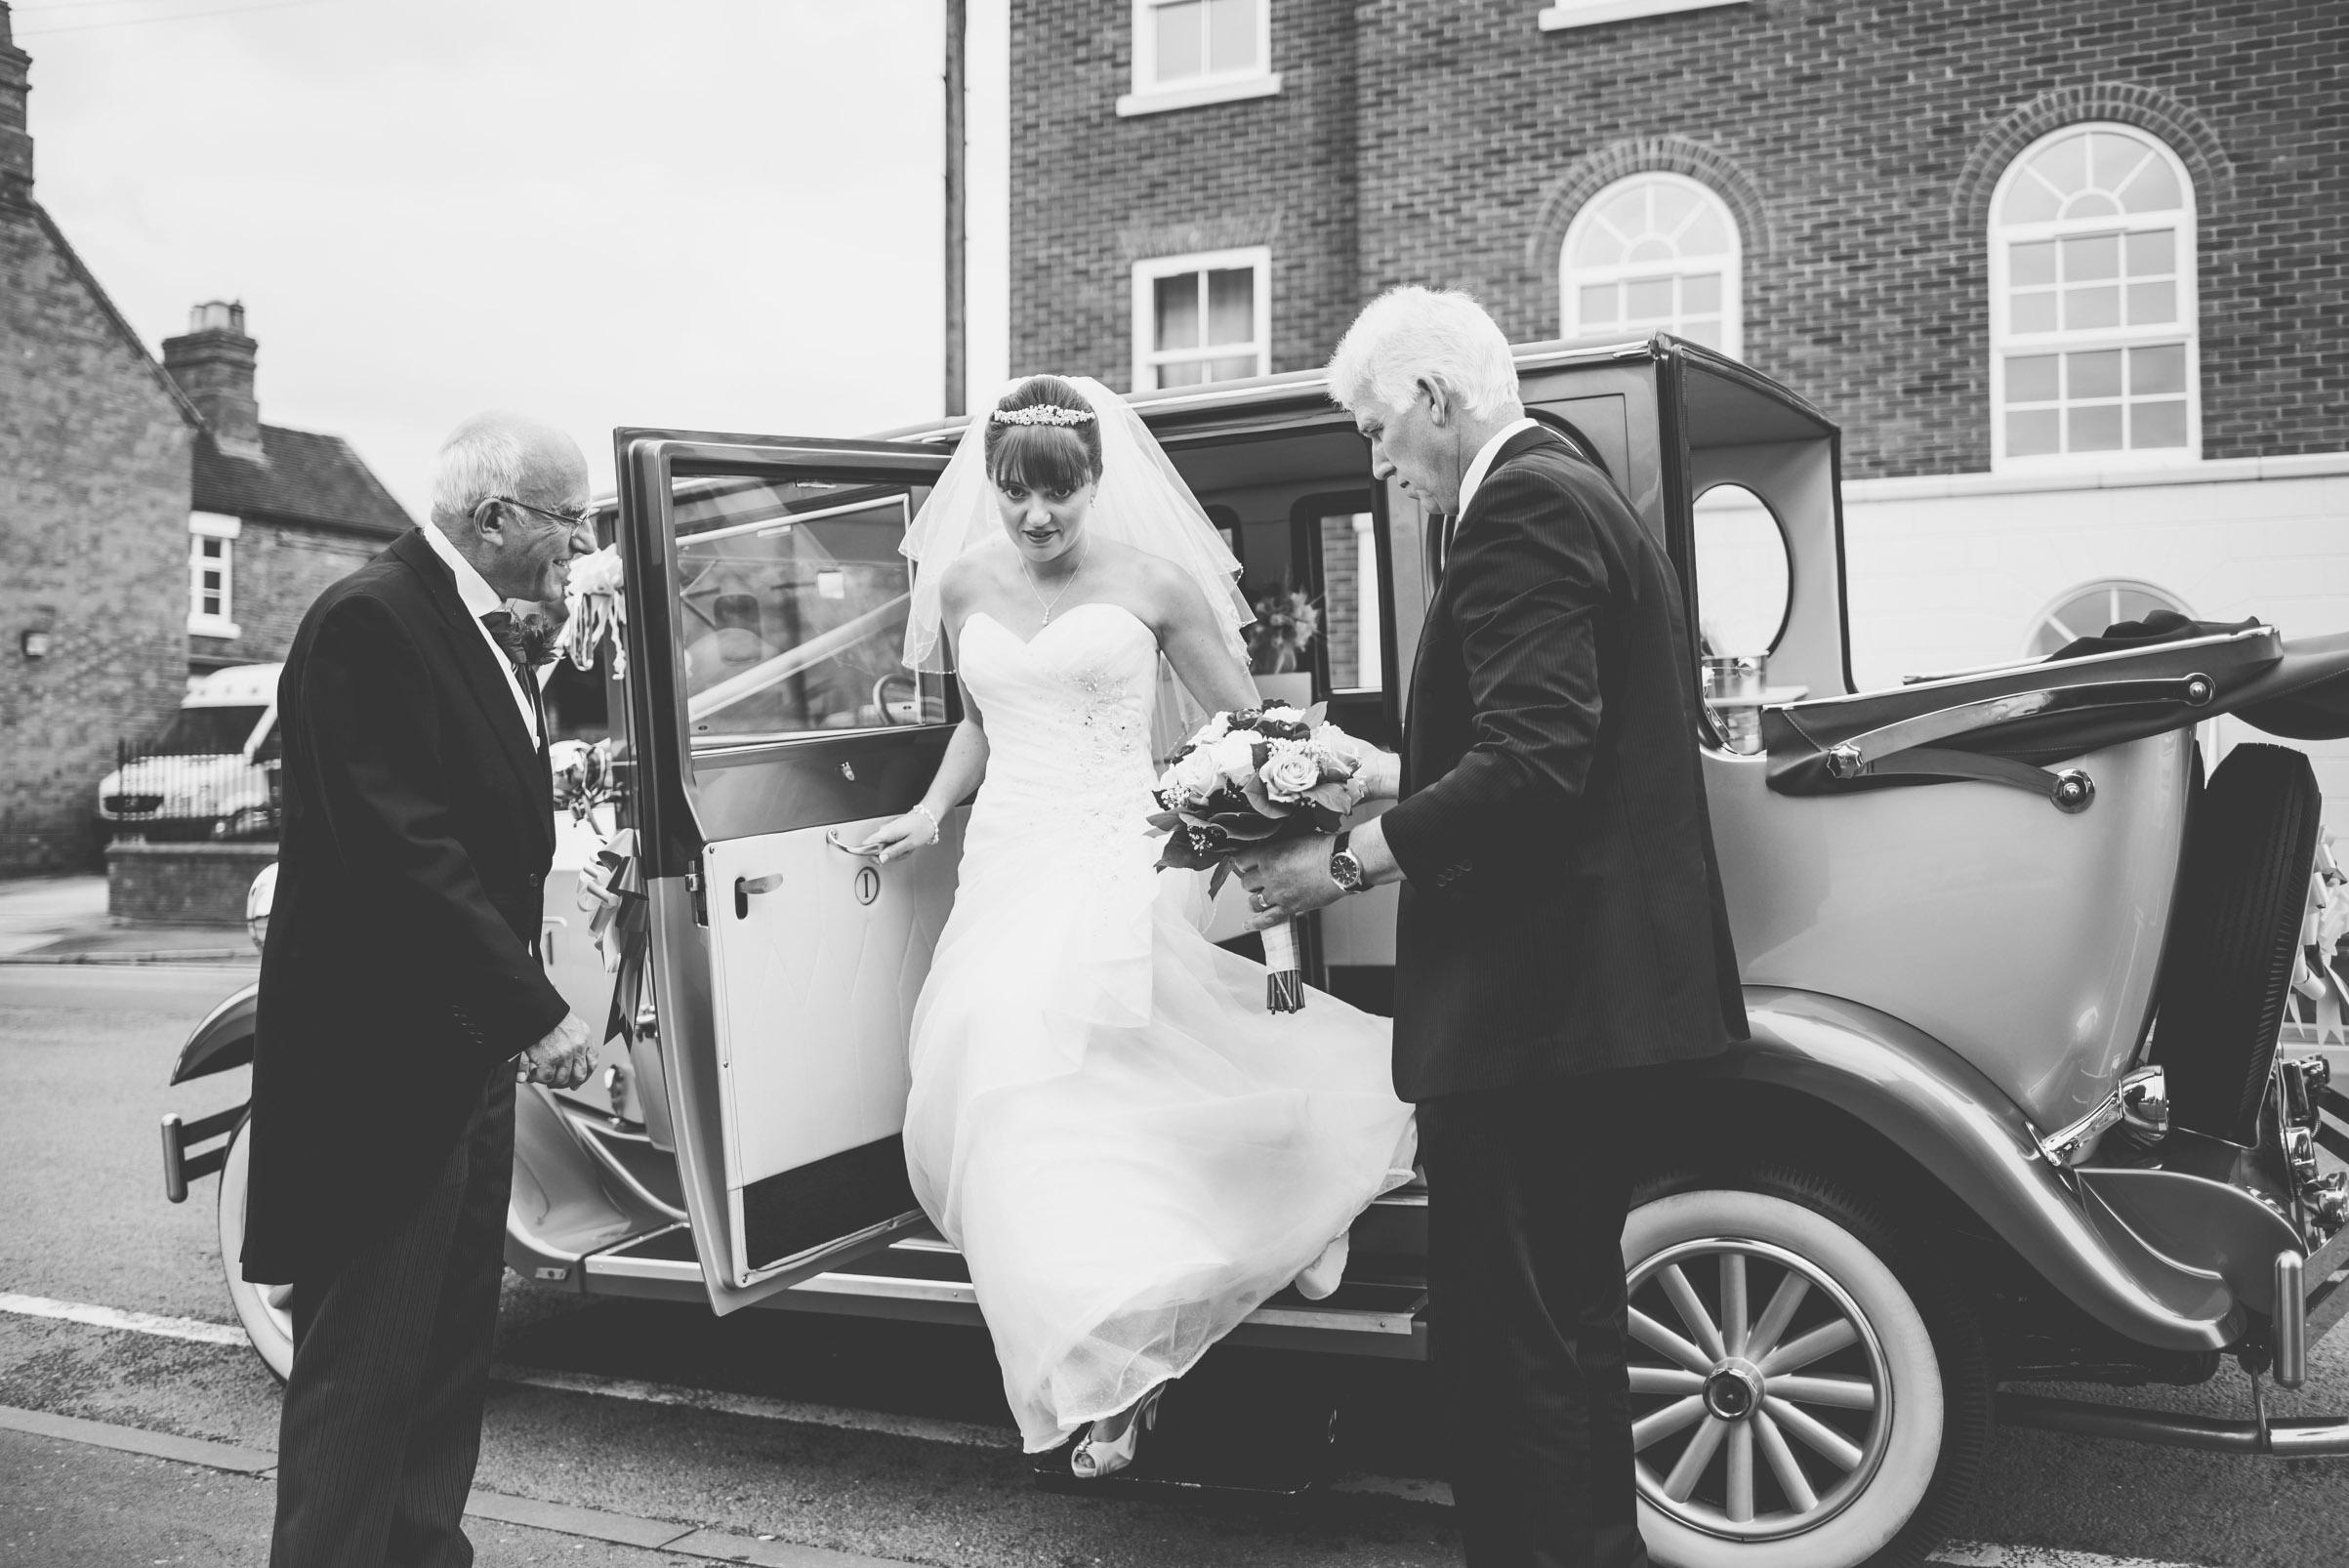 Farm-wedding-staffordshire-st-marys-catholic-church-uttoxter-21.jpg